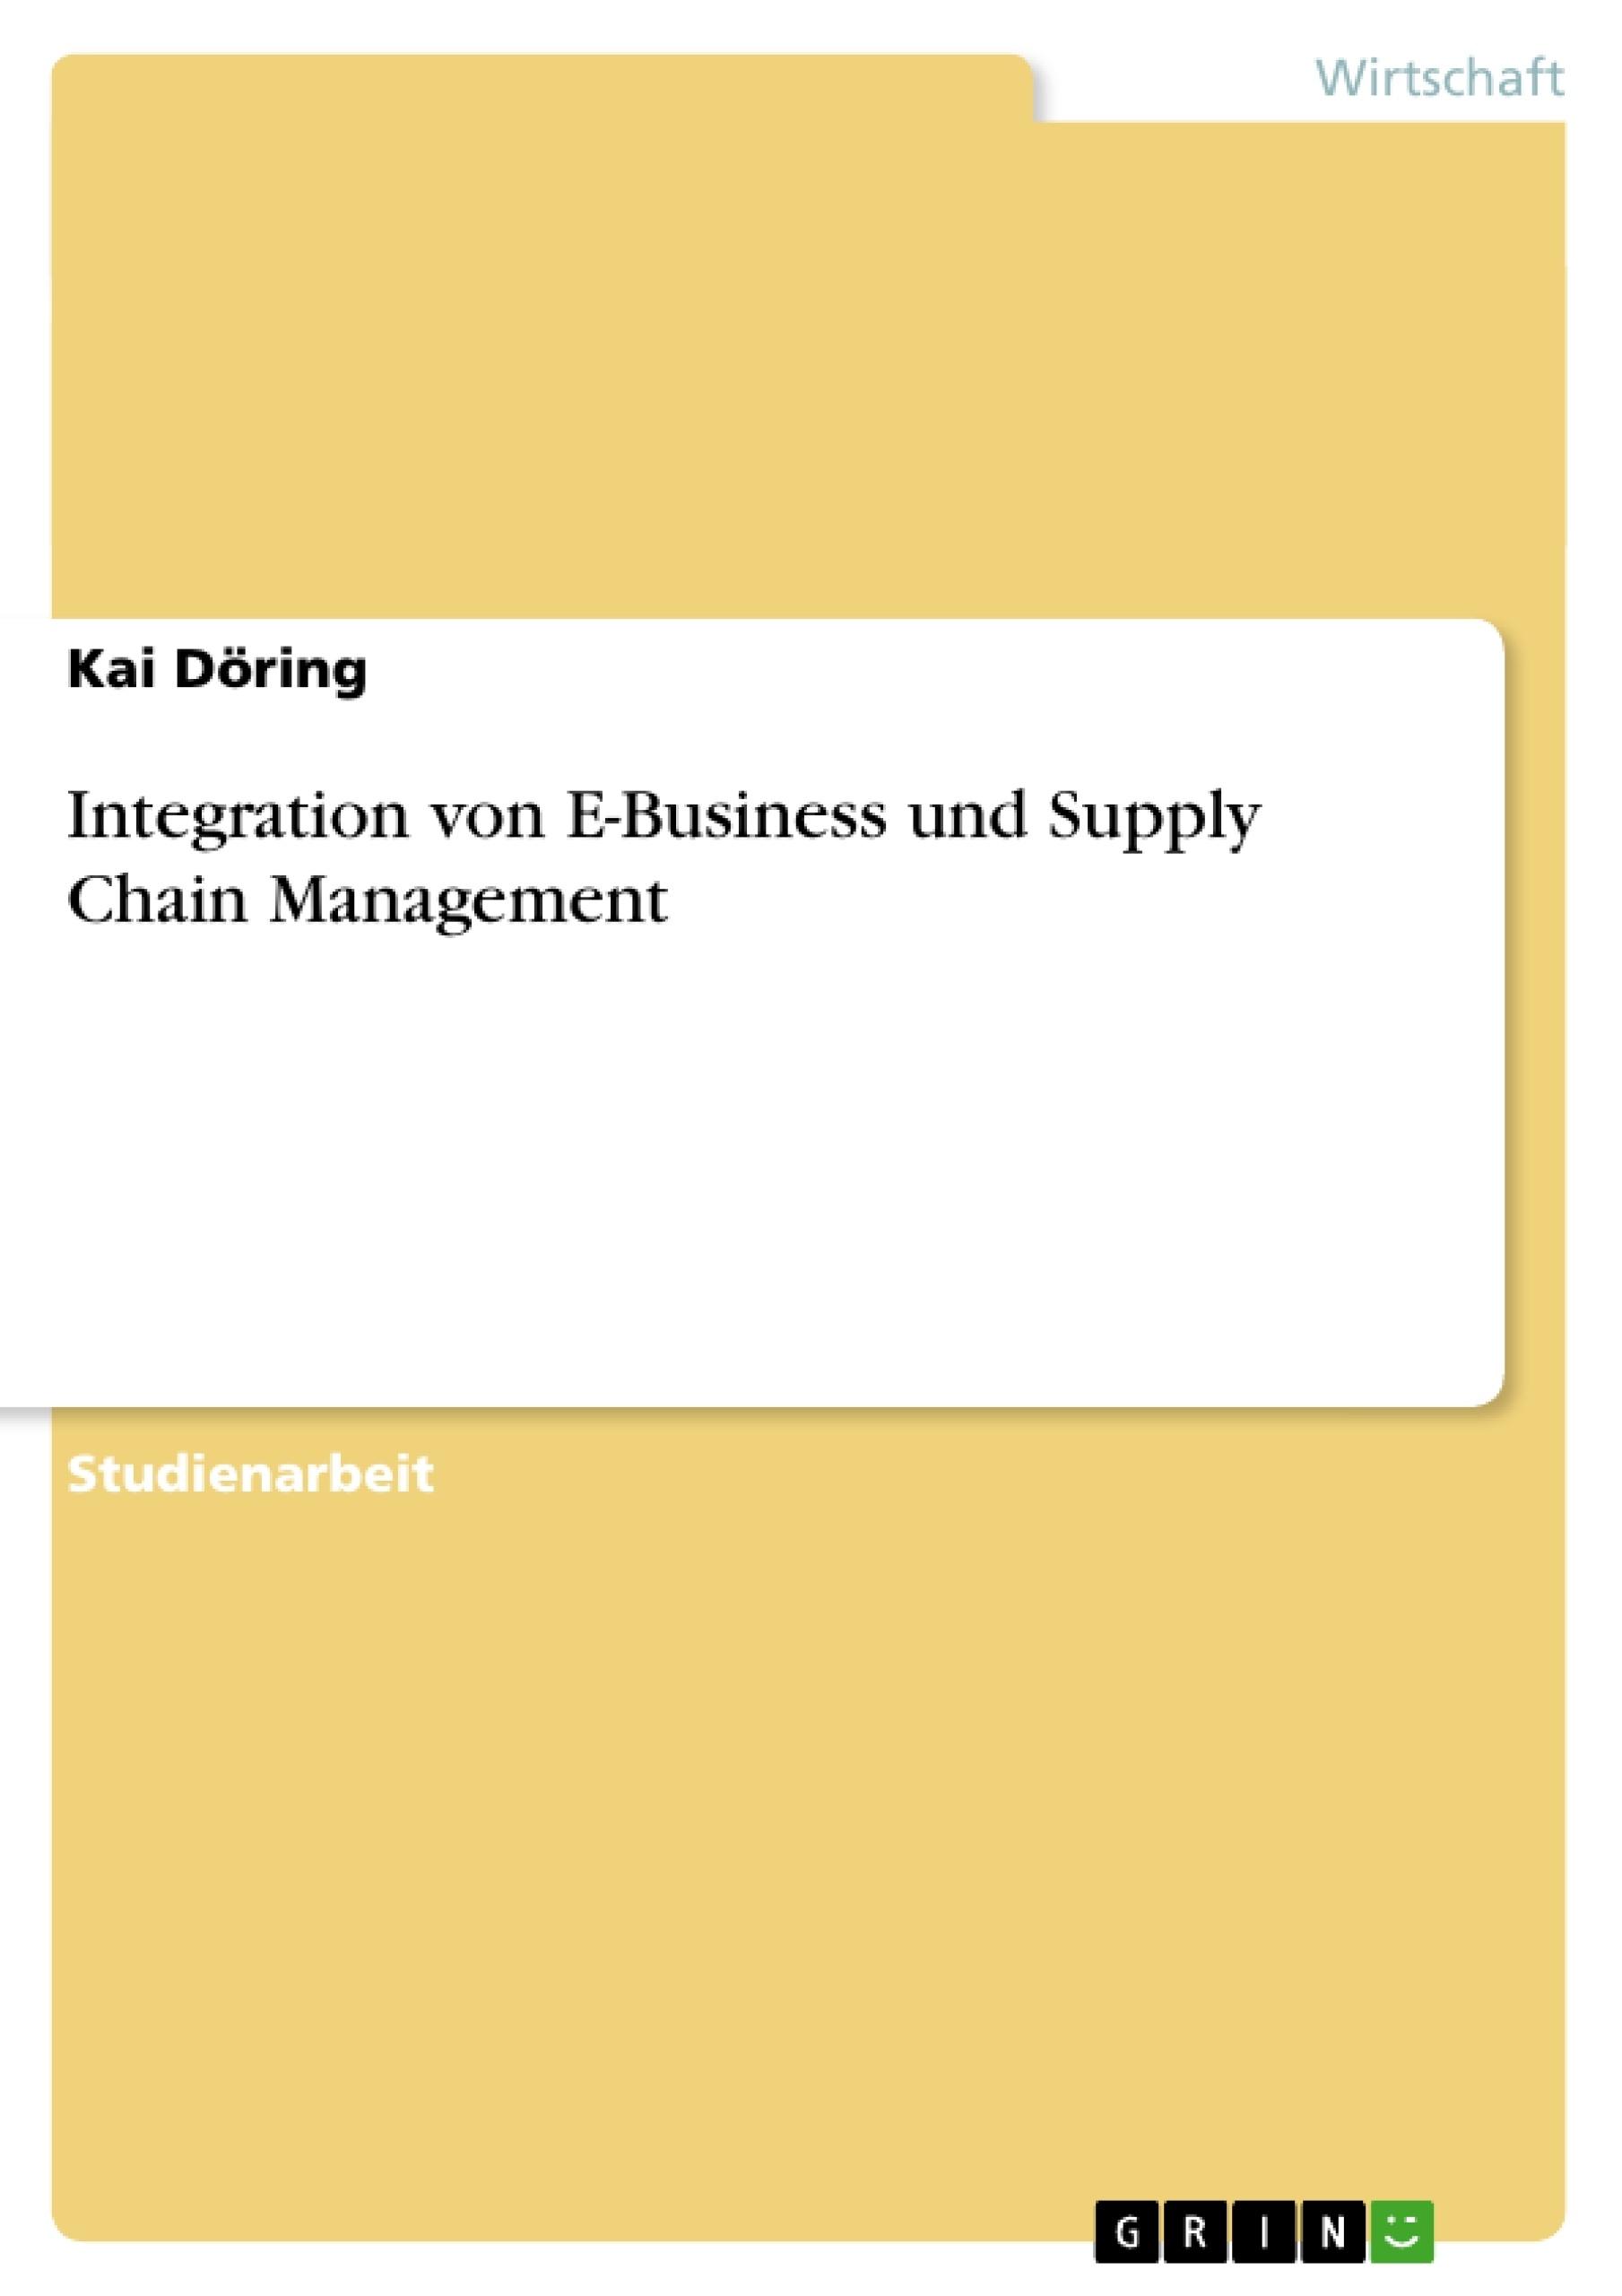 Titel: Integration von E-Business und Supply Chain Management